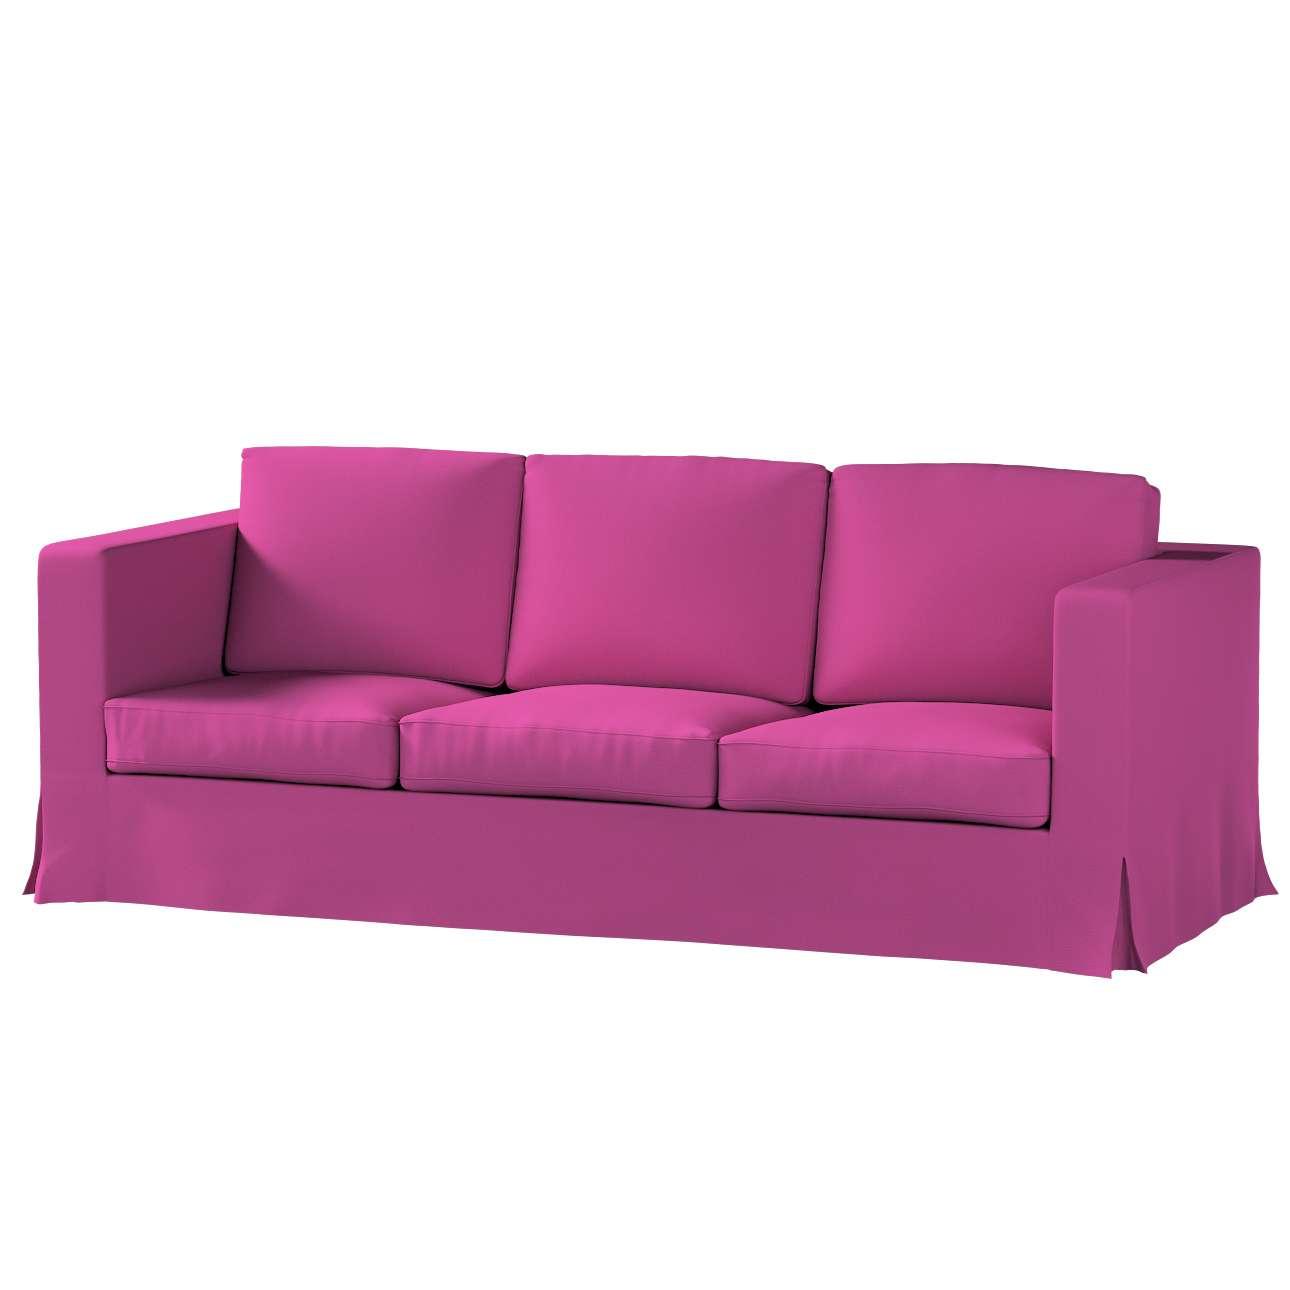 Pokrowiec na sofę Karlanda 3-osobową nierozkładaną, długi w kolekcji Etna, tkanina: 705-23